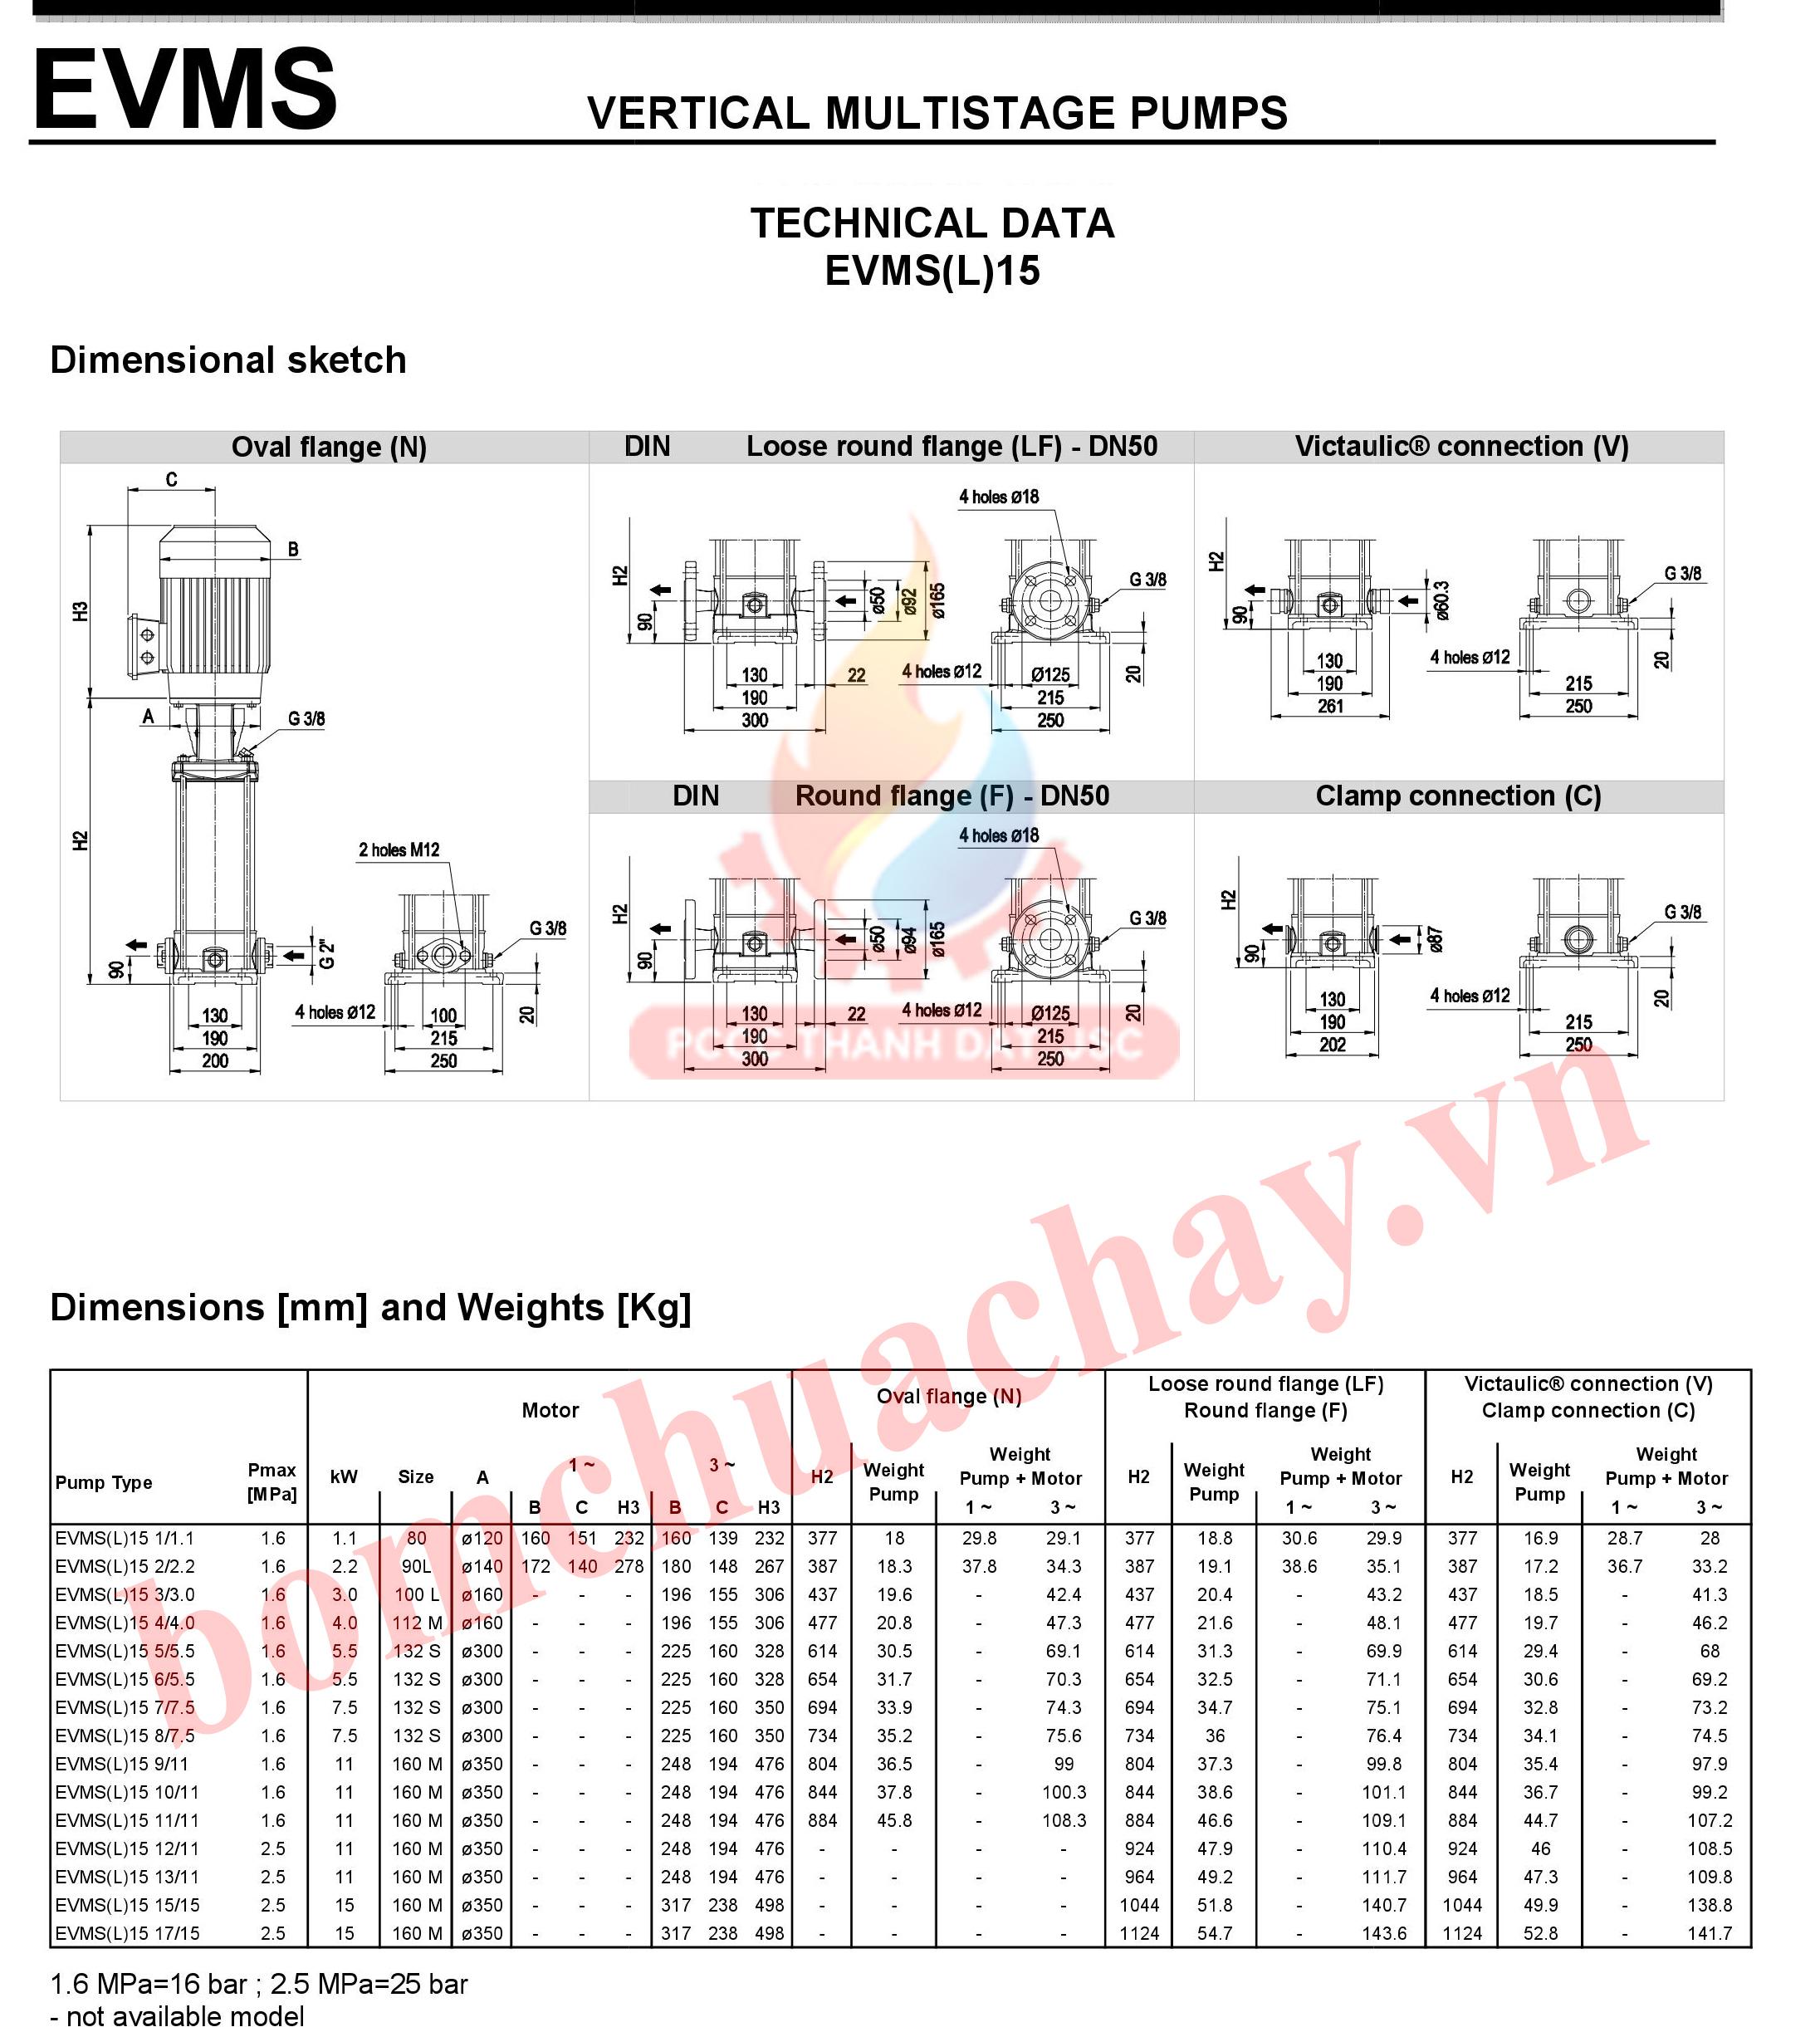 máy bơm bù áp Ebara EVMS 15 6N5 7.5HP